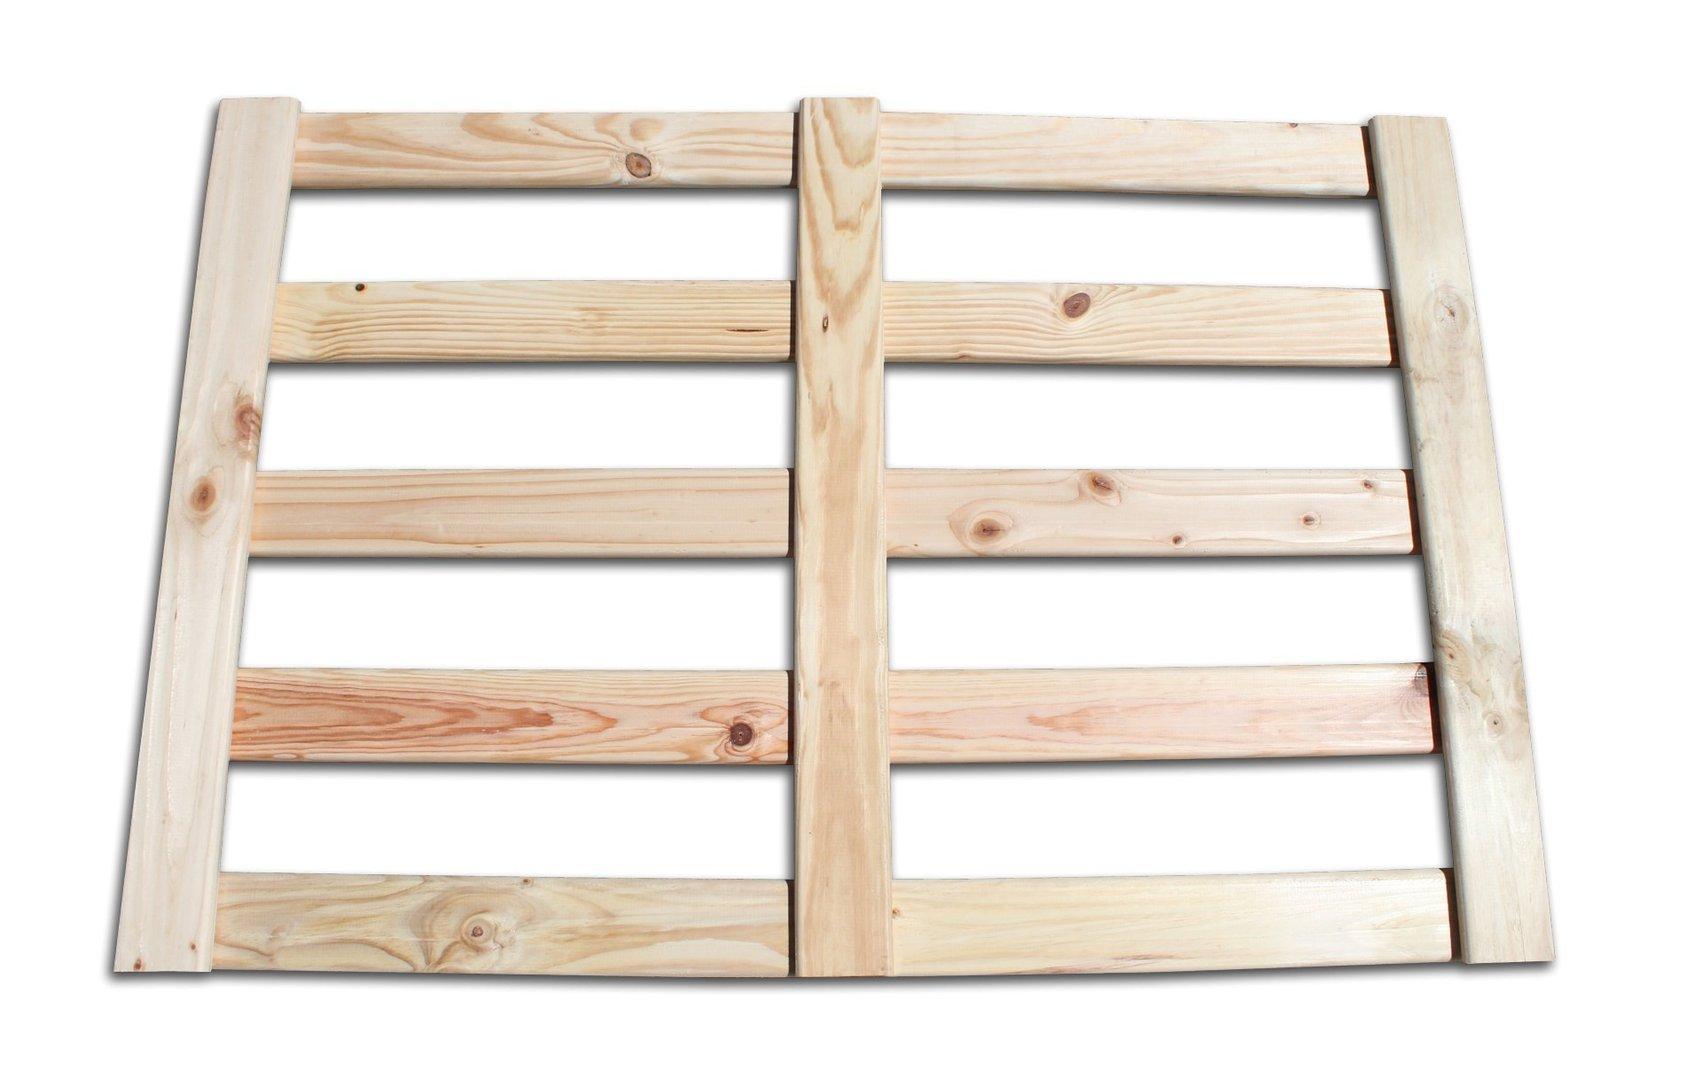 Cabecero de cama de madera cepillada - Cabecero de cama de madera ...